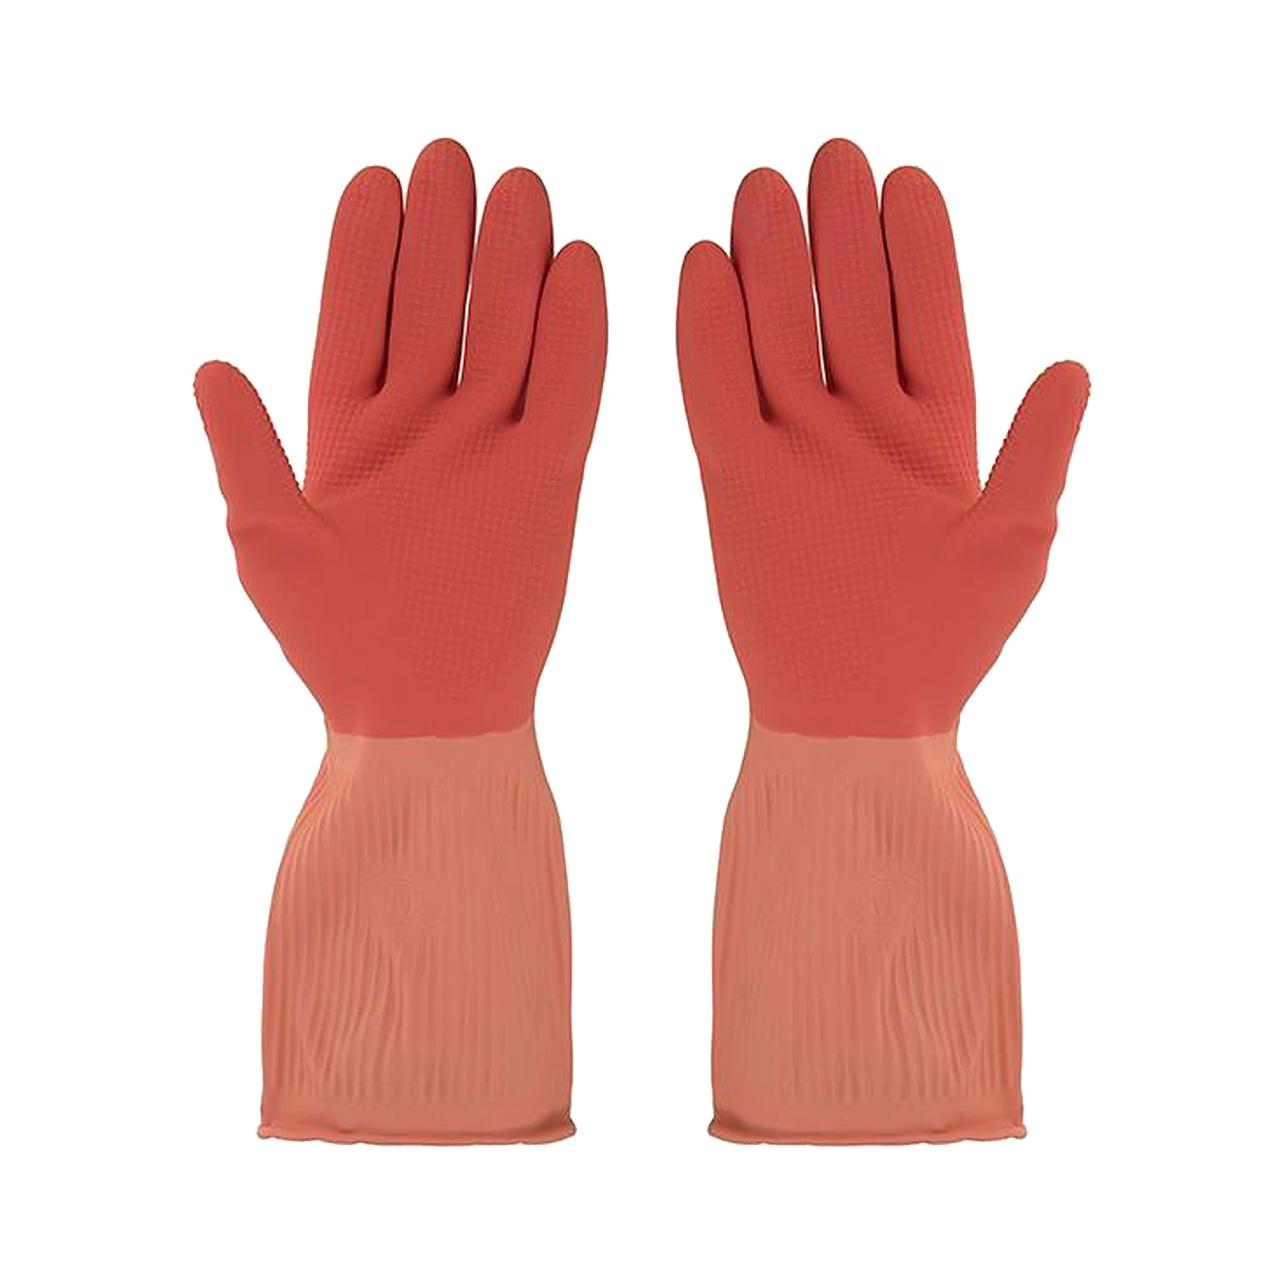 دستکش آشپزخانه ویولت مدل ساق کوتاه سایز متوسط کد02